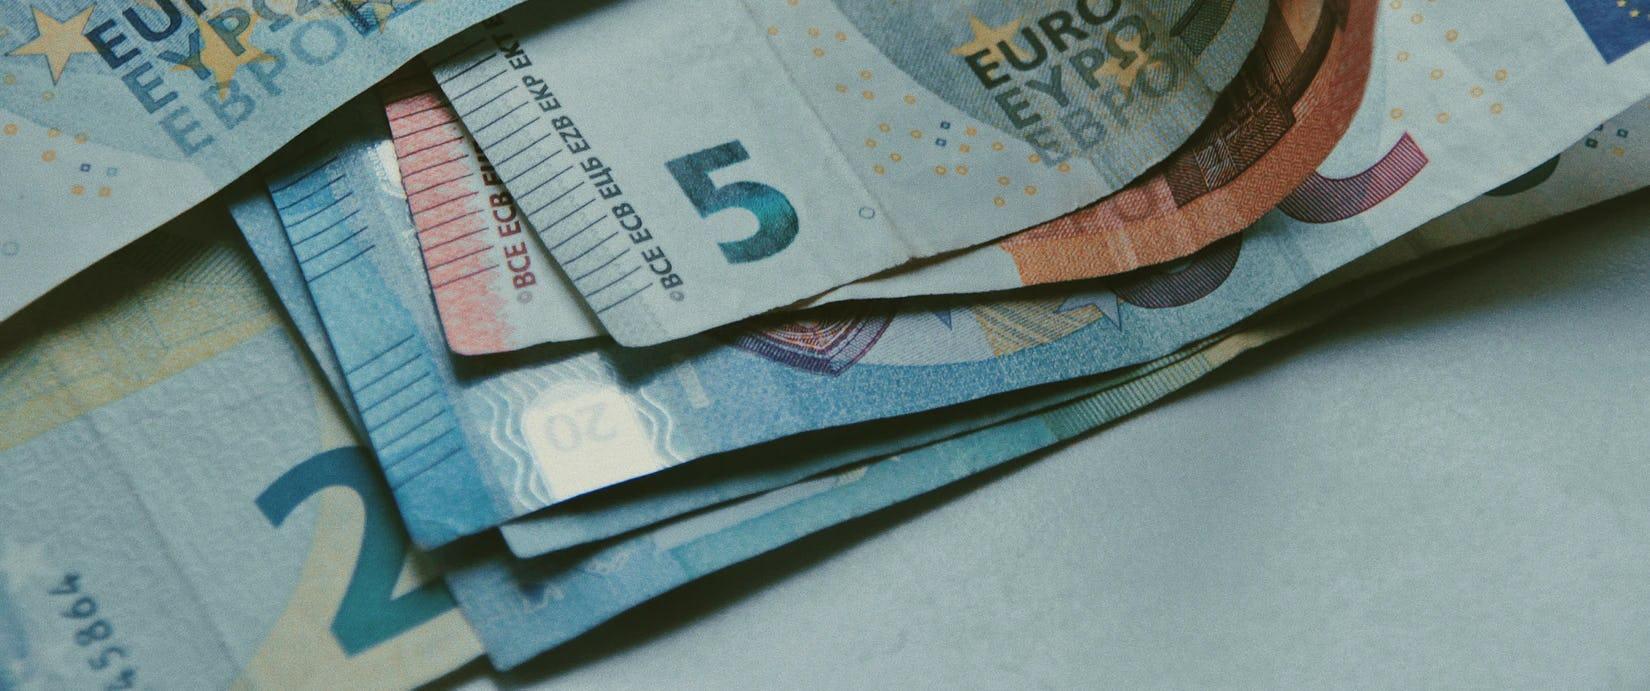 remboursement note de frais